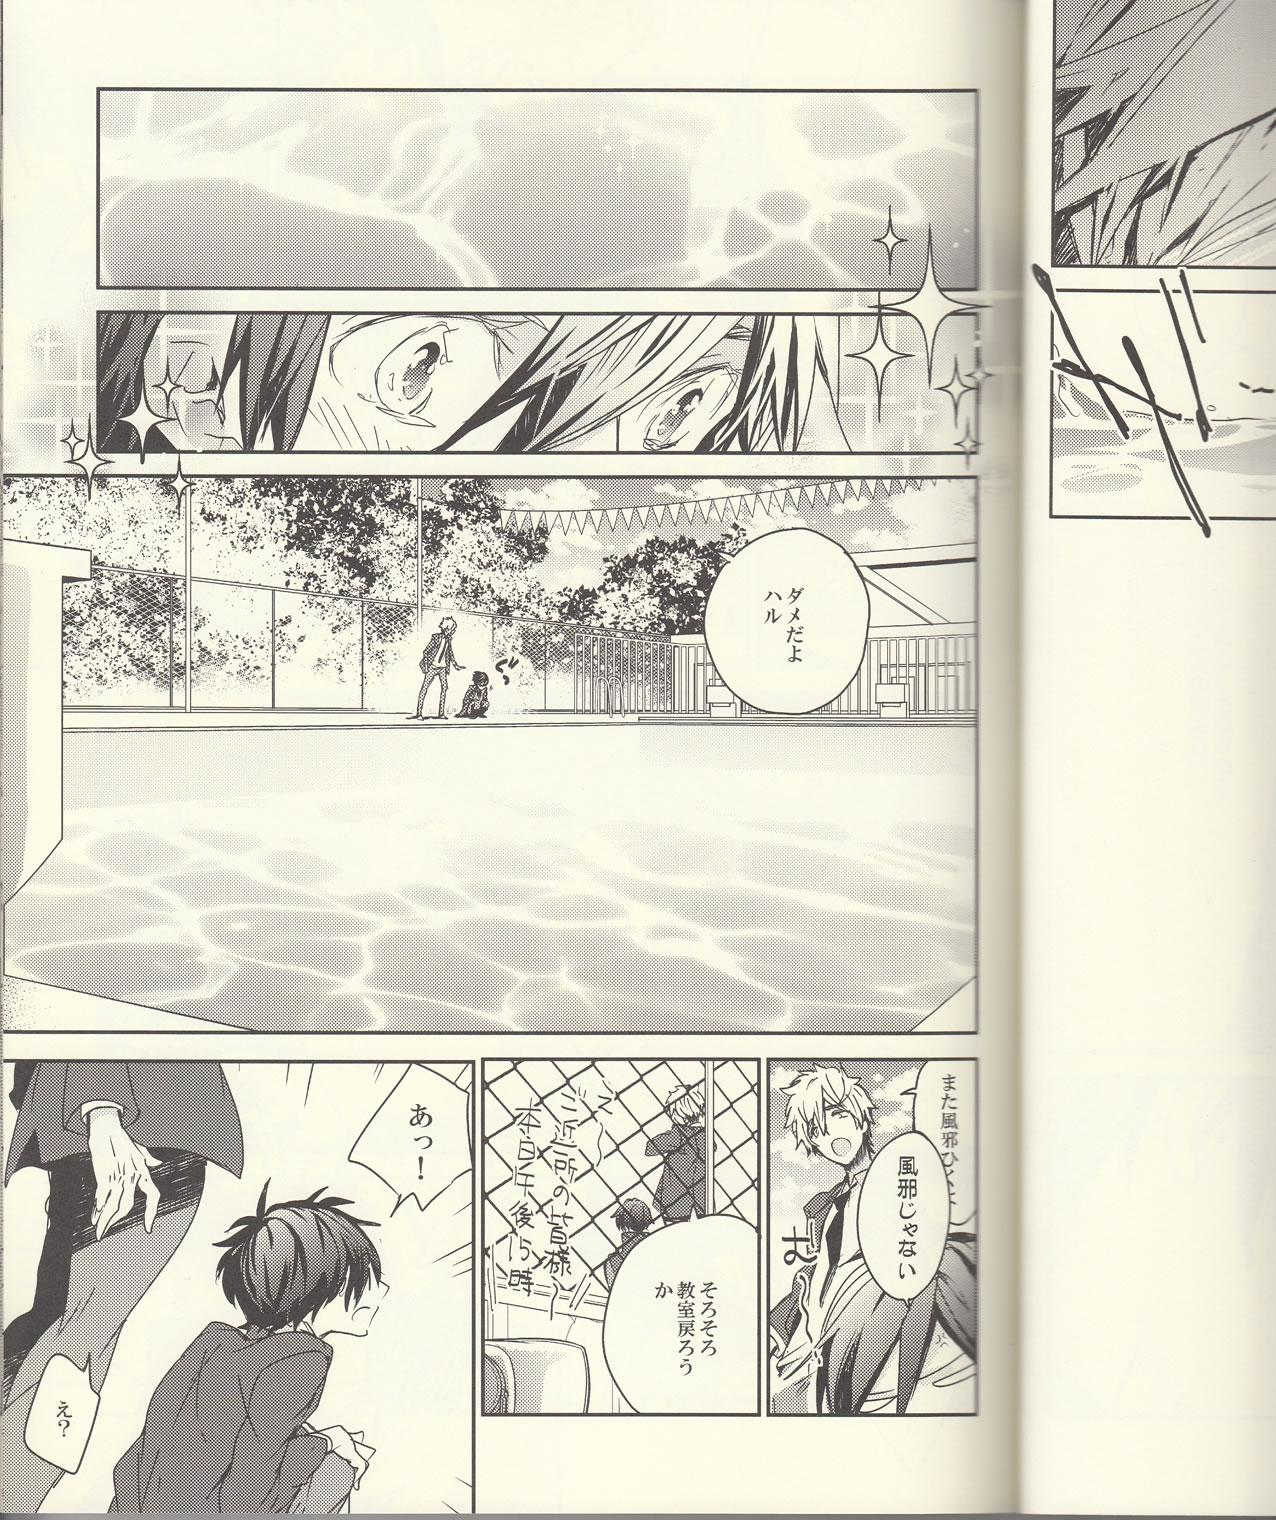 Seichouki 3